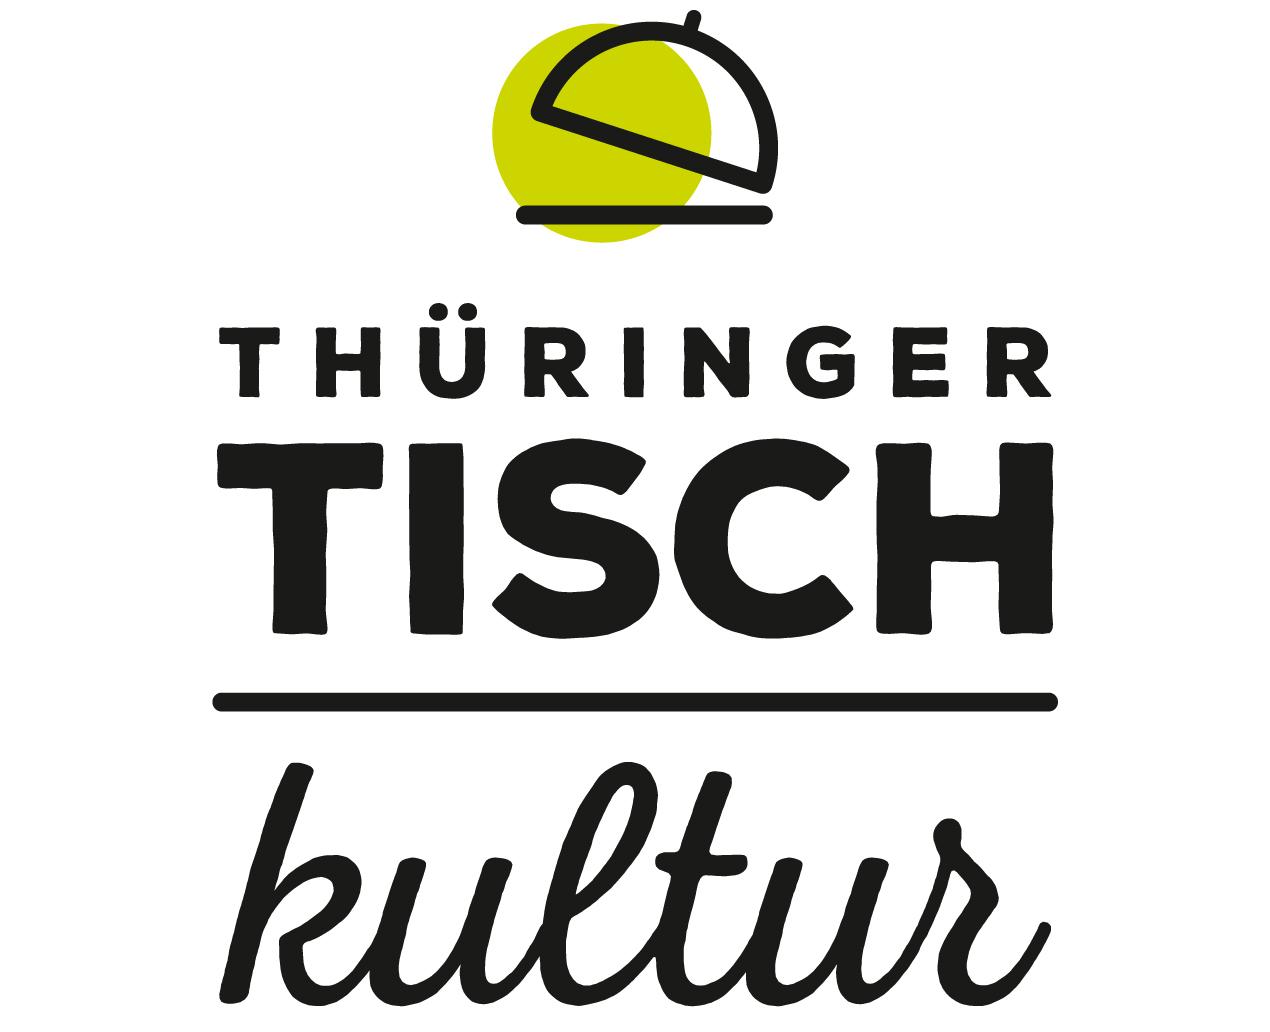 Logo Thüringer Tisch-Kultur ©Thüringer Tourismusverband